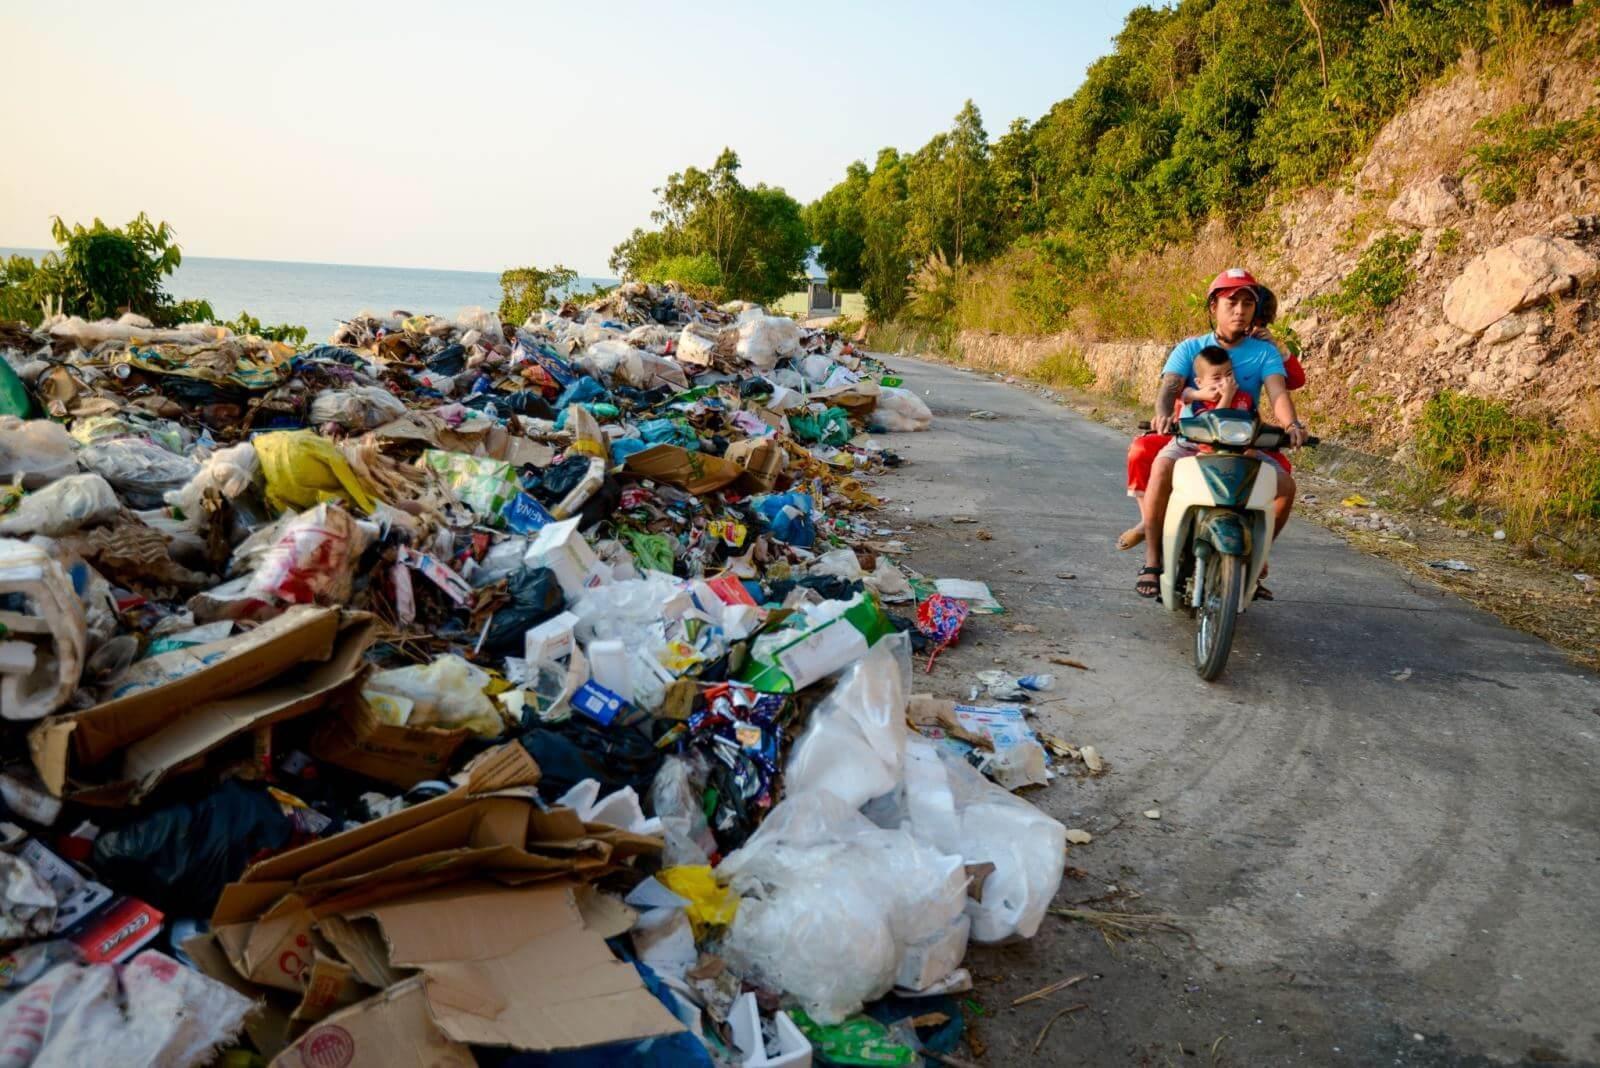 Thác thải nhựahình thành từ sinh hoạt con người